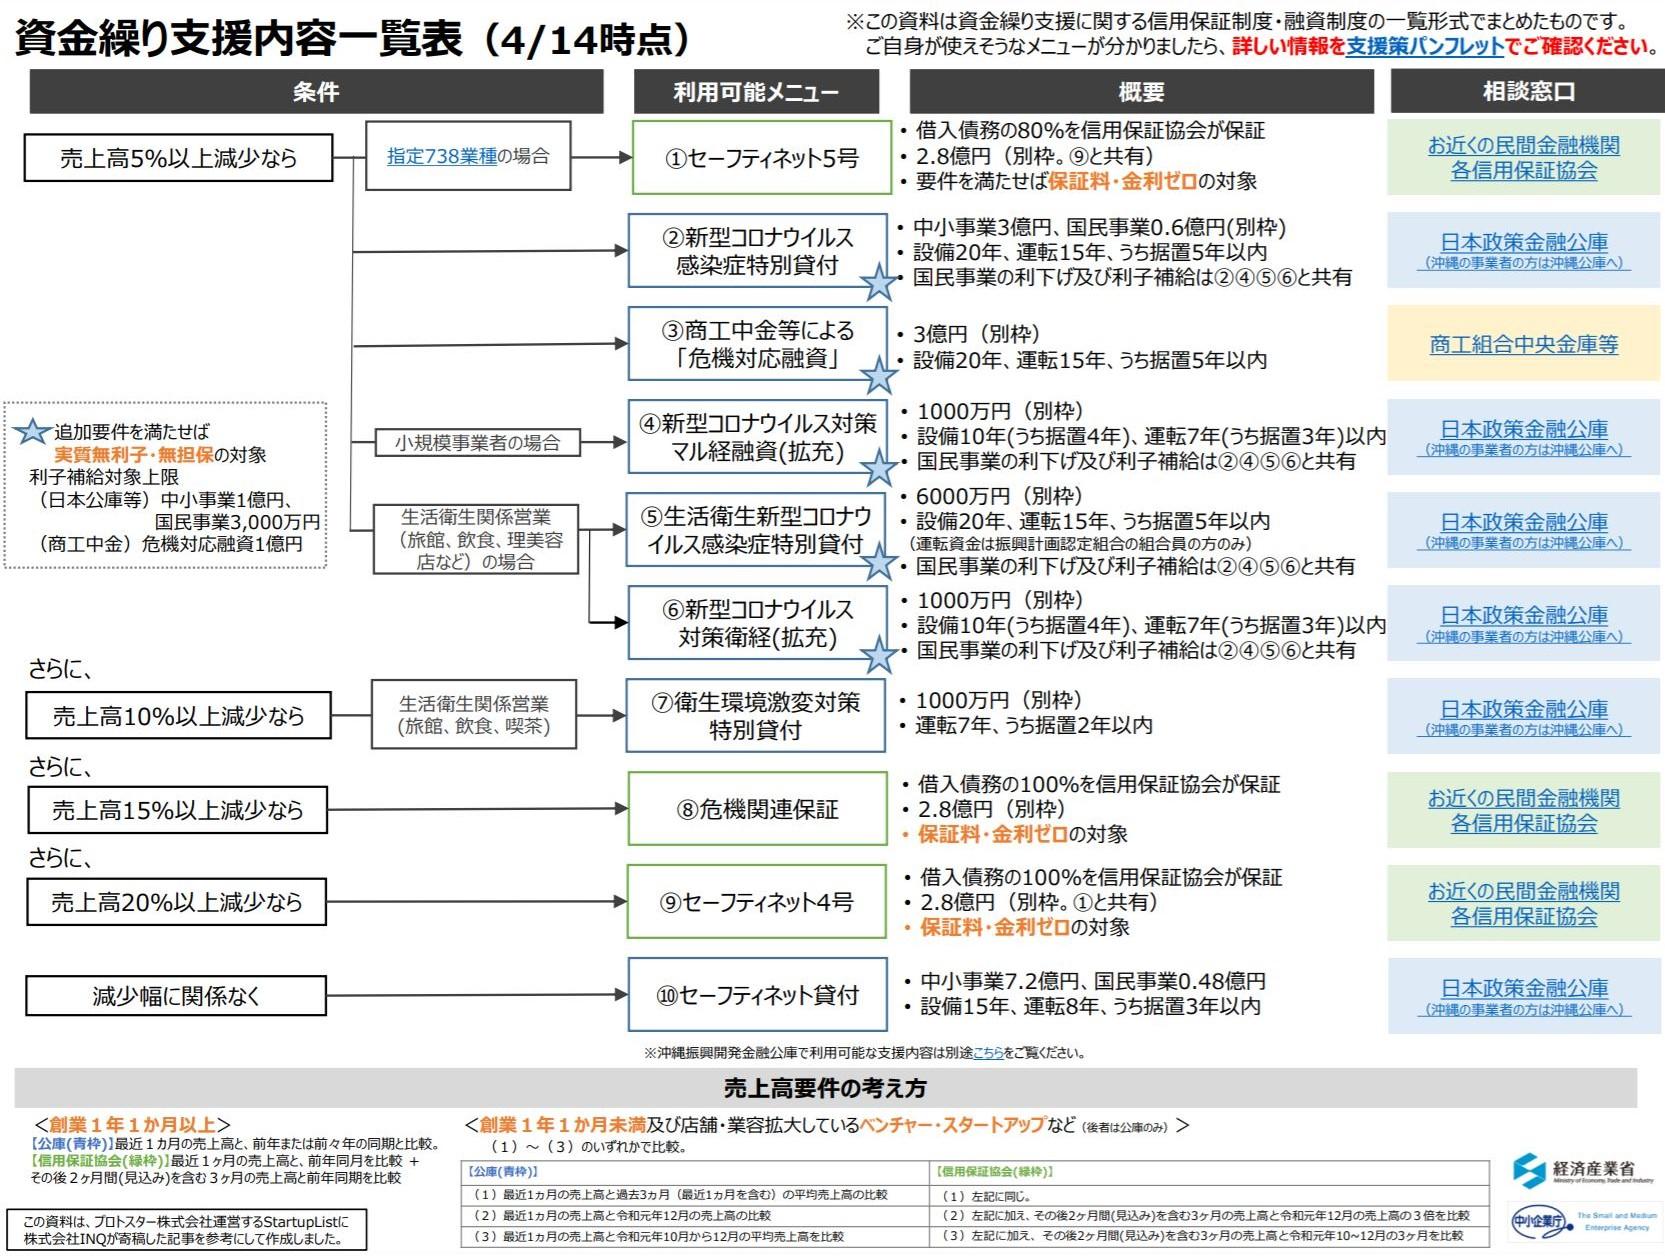 金融 公庫 政策 融資 コロナ 日本